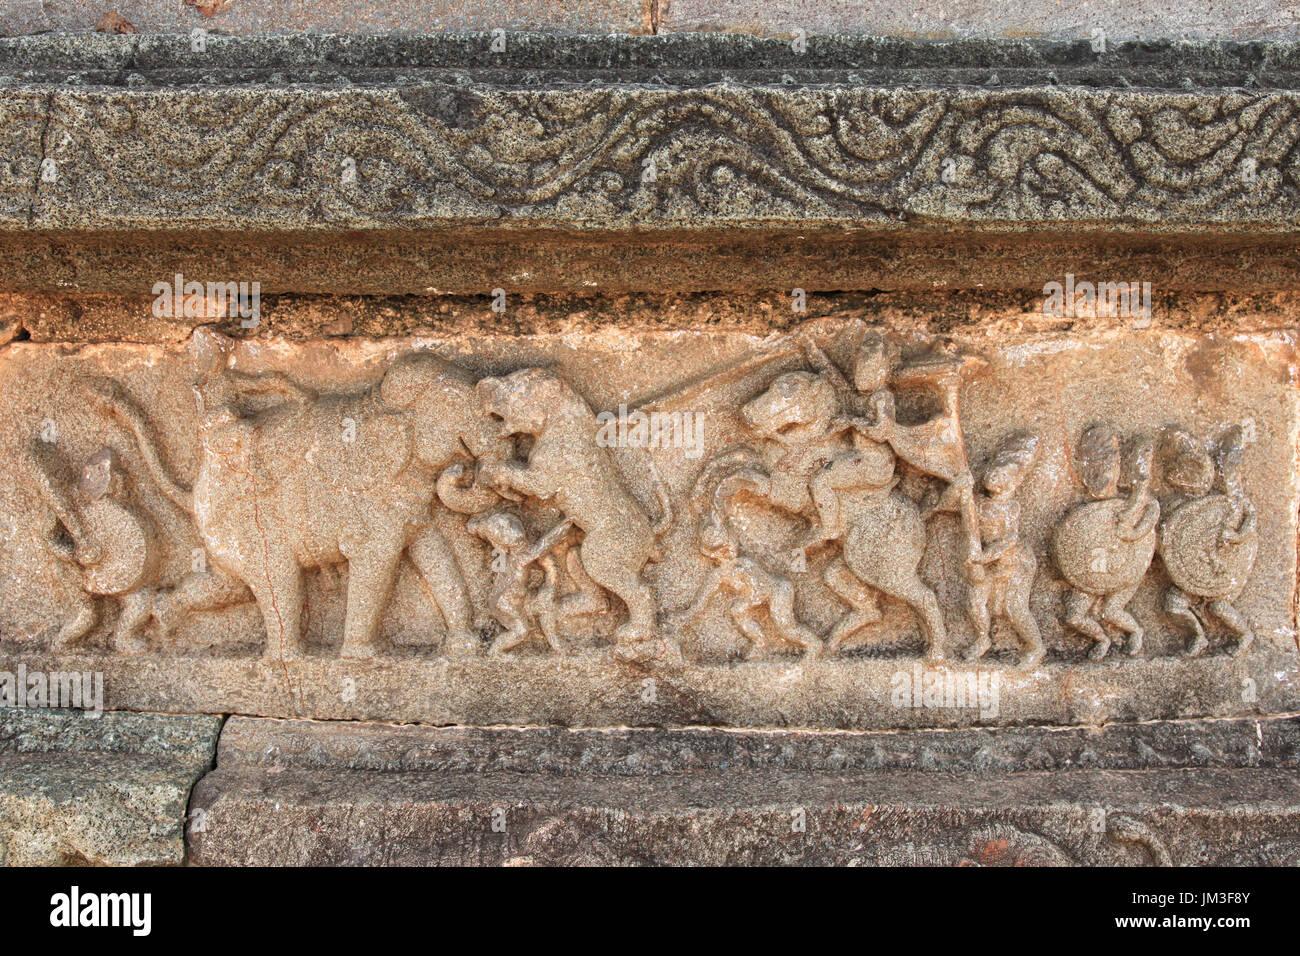 Cazar un tigre por el Rey a caballo en esculturas en el muro del templo, Hampi, India Imagen De Stock